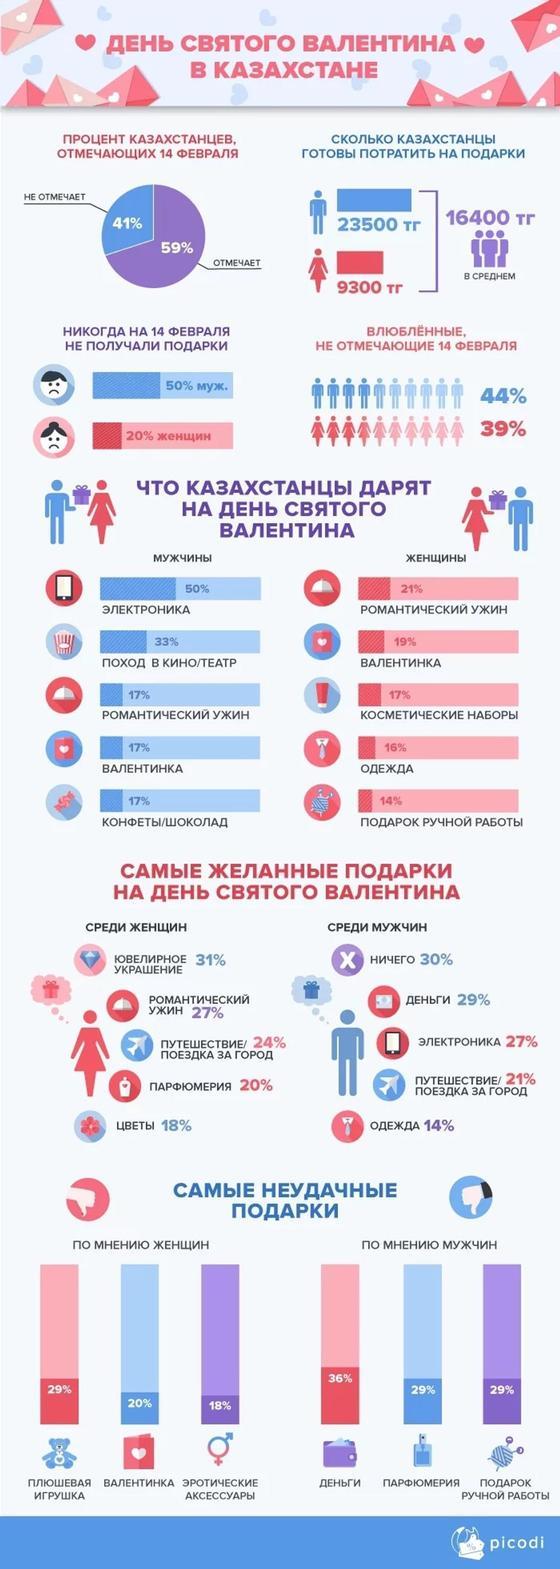 14.02 Казахстанцы не хотят получать деньги в День Святого Валентина